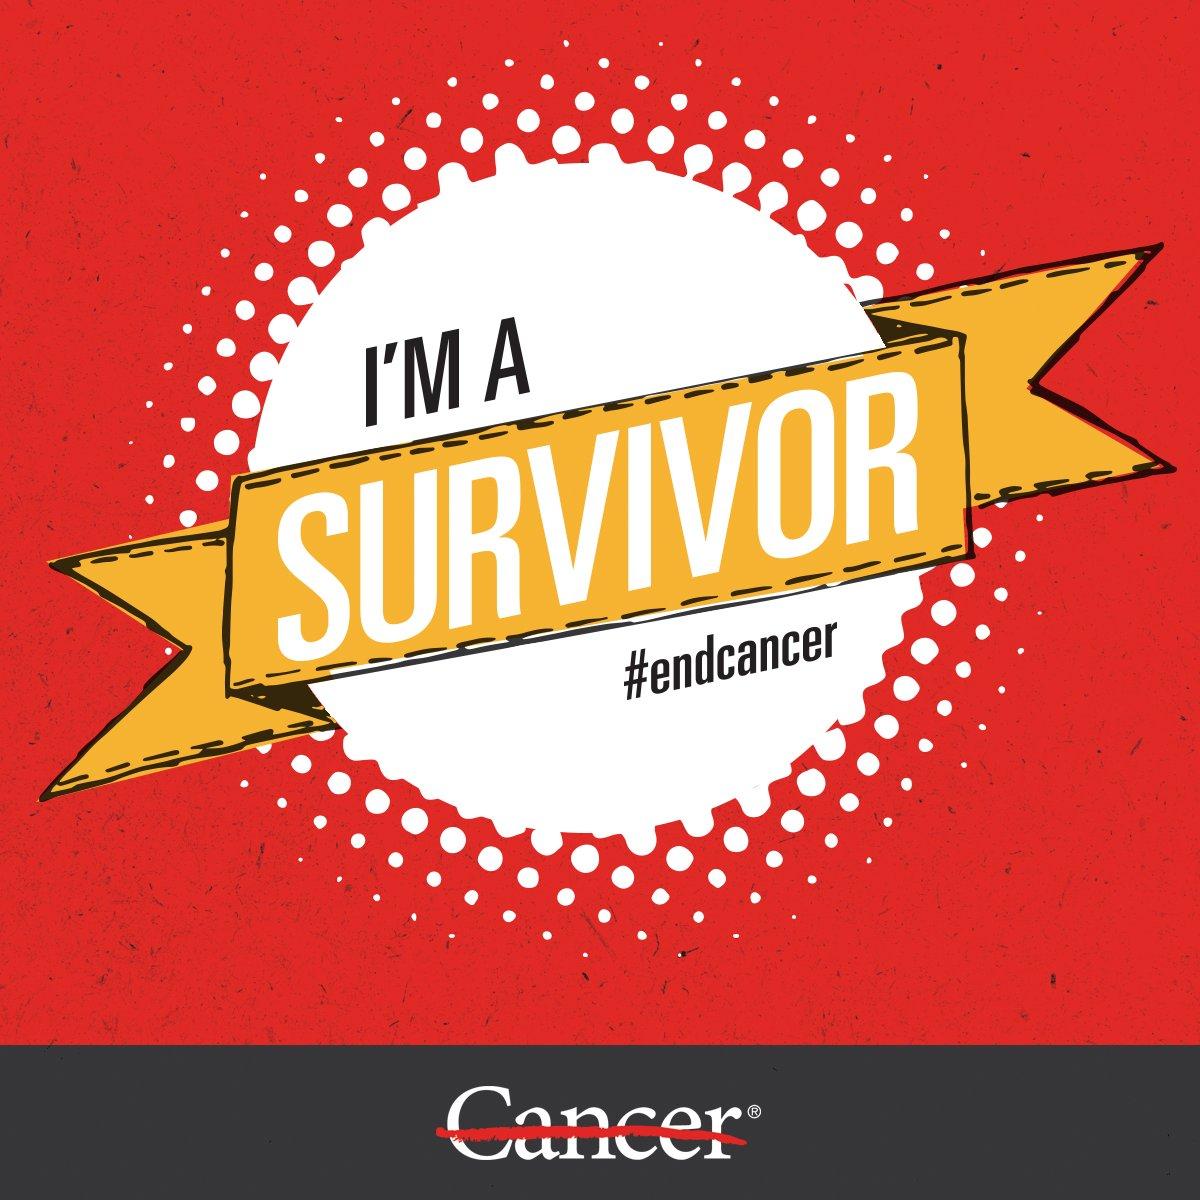 Happy #NationalCancerSurvivorsDay to our patients, caregivers, survivors and all those working to #endcancer. https://t.co/wxPNHSV9lA